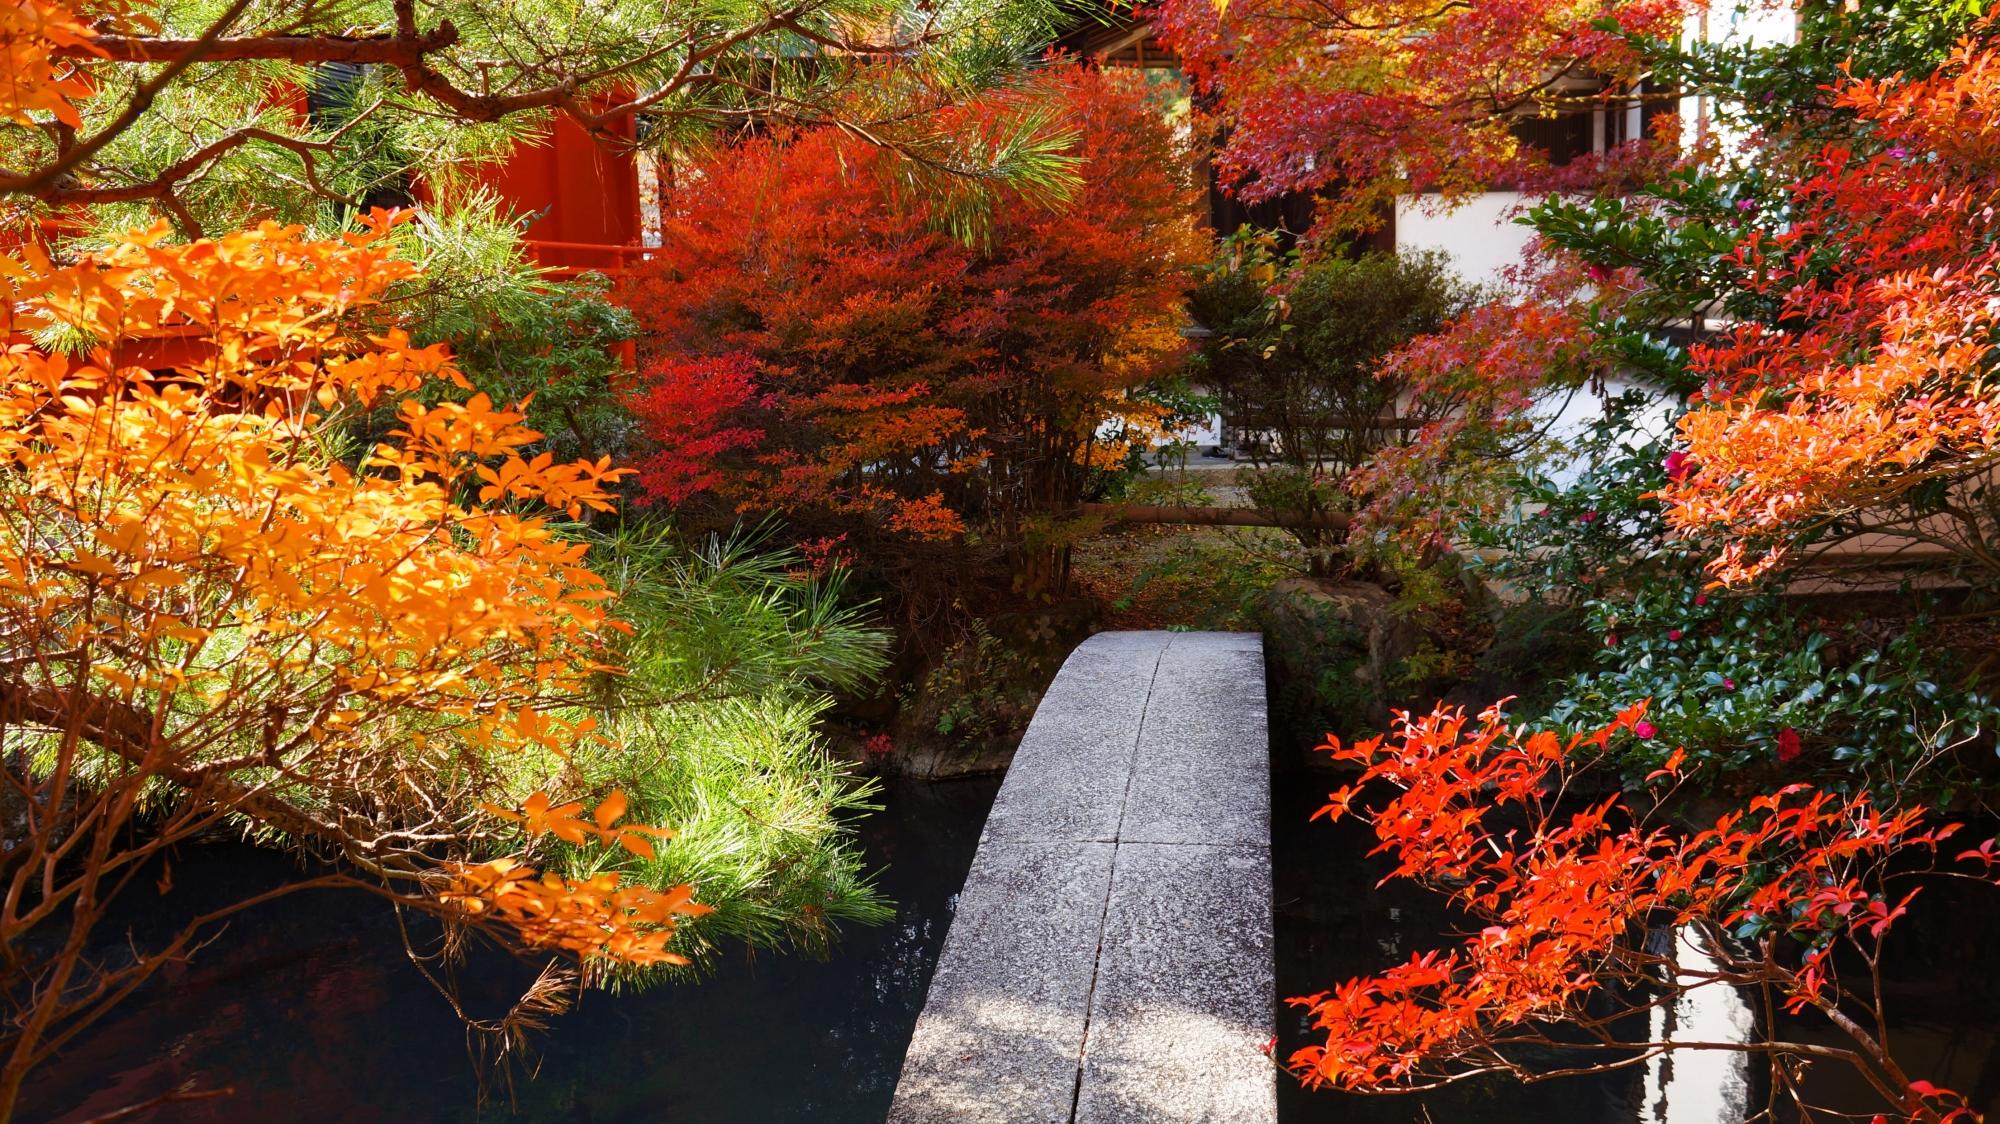 石橋を彩る風情ある紅葉と色づくツツジ